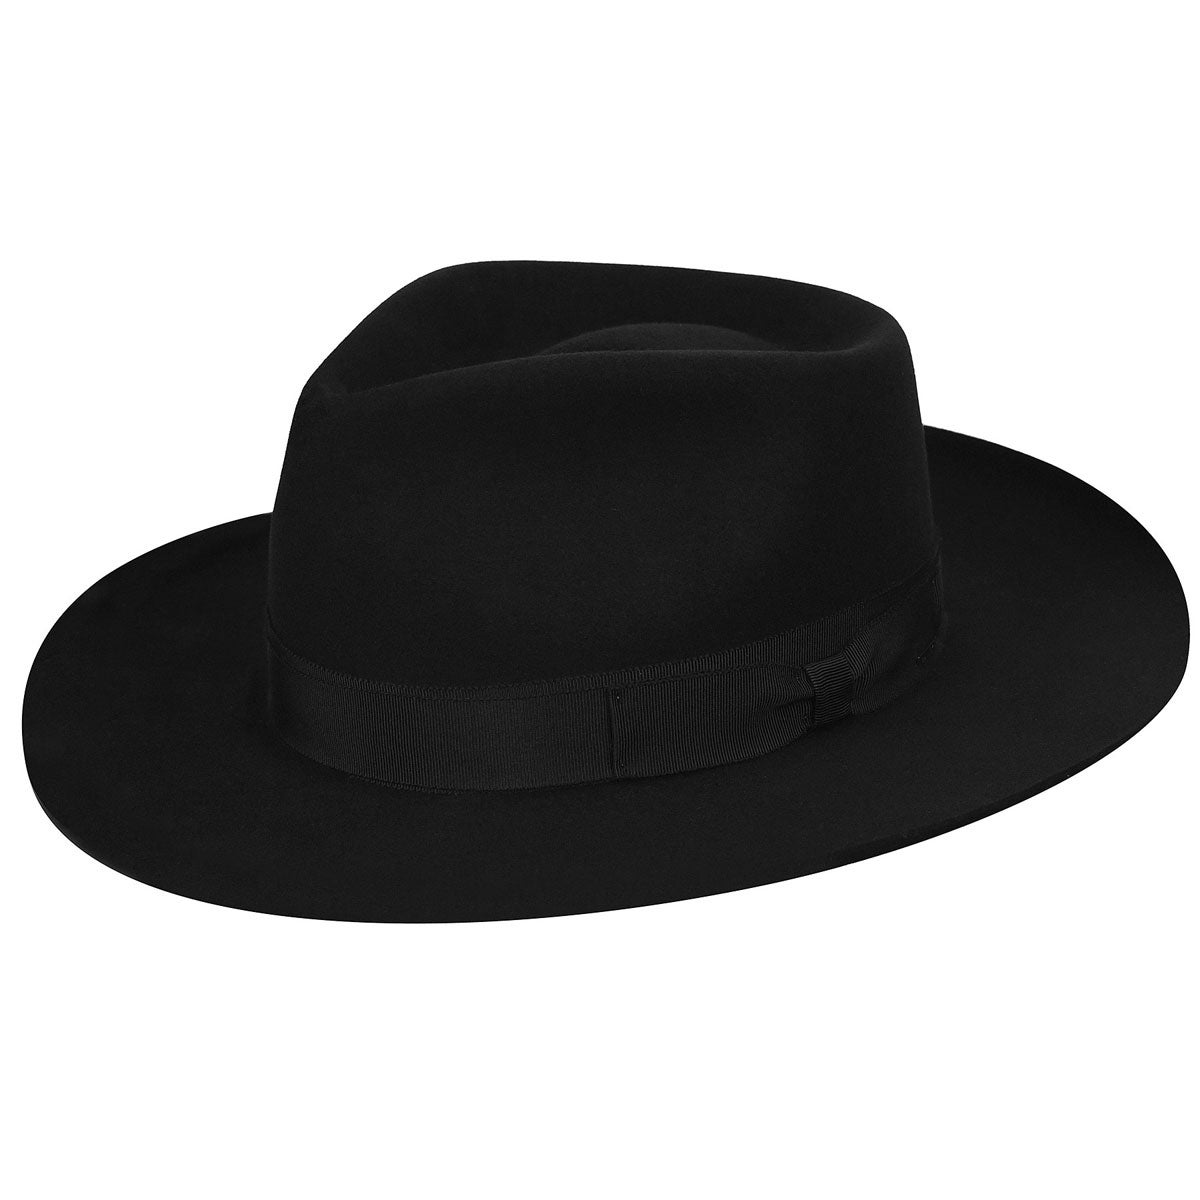 1940s Mens Hat Styles and History Bankside Elite Fedora $160.00 AT vintagedancer.com